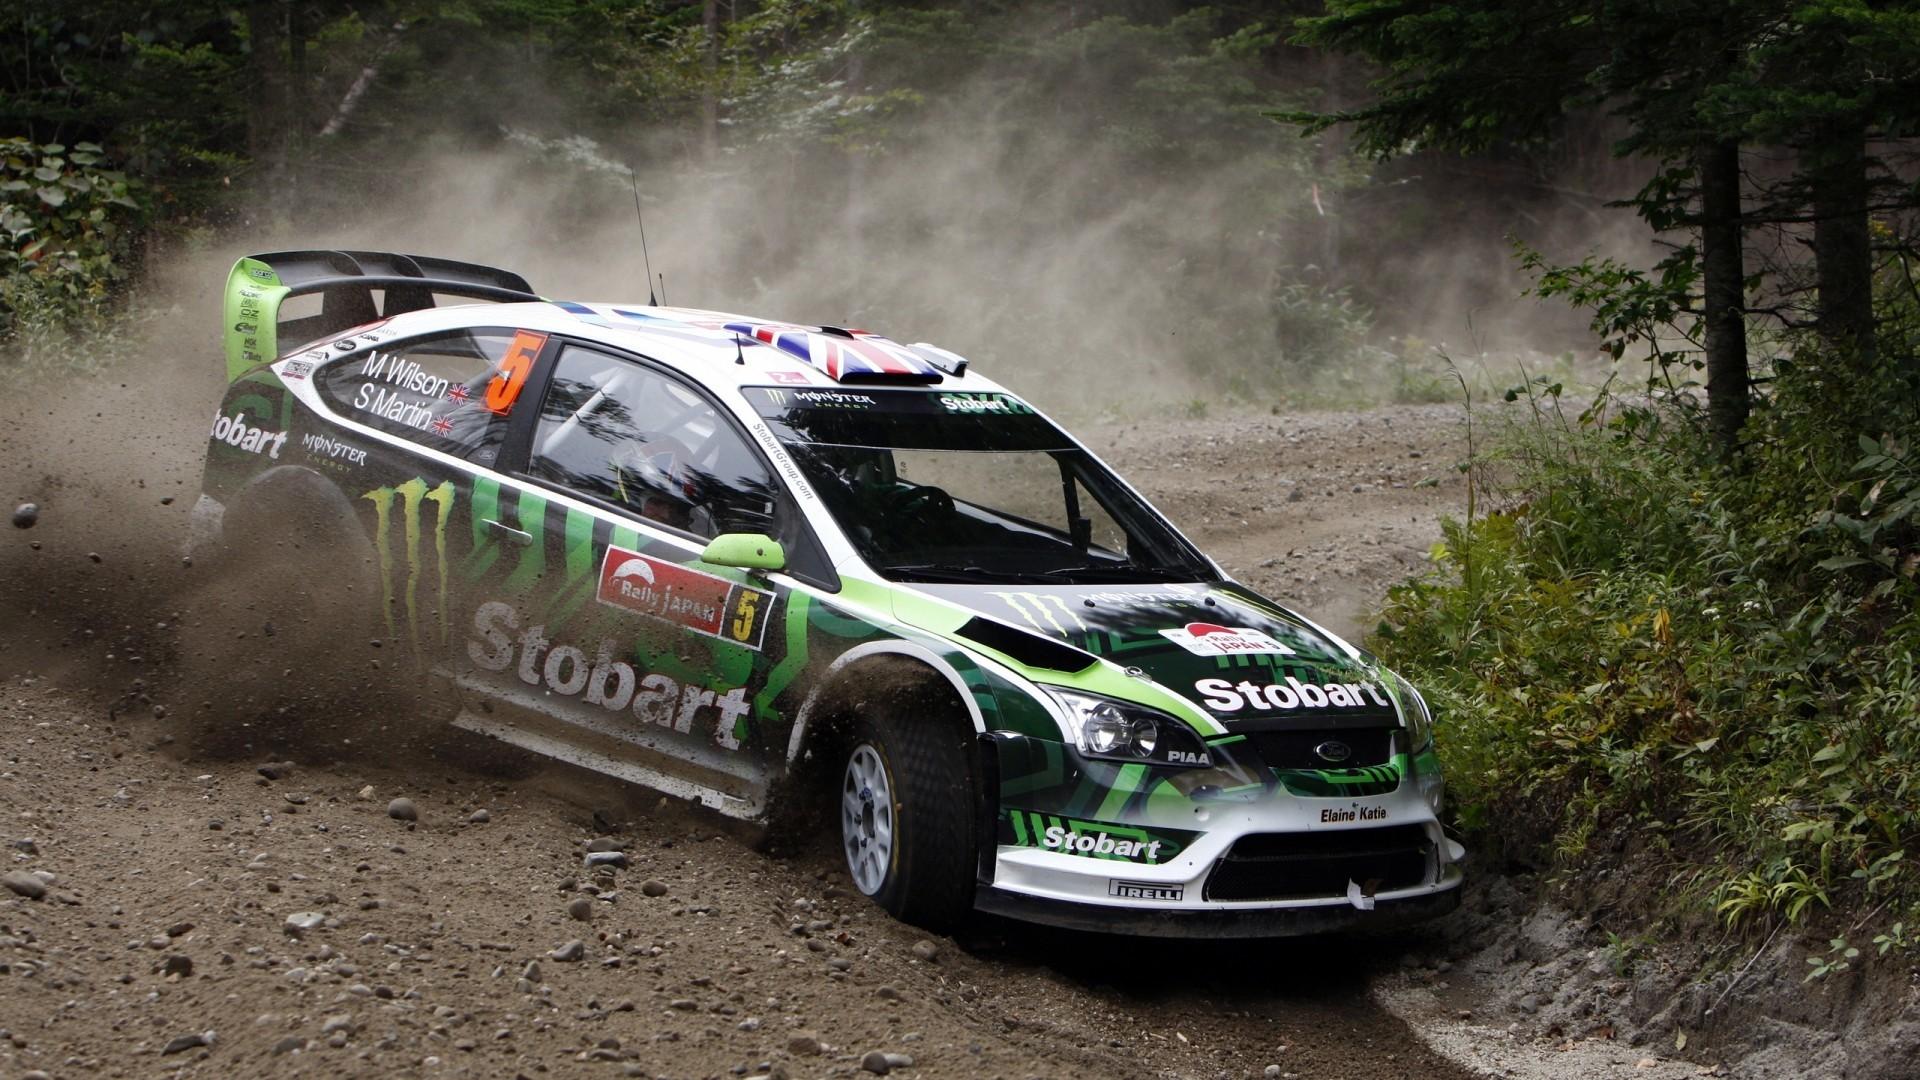 Res: 1920x1080, WRC Racing Wallpapers